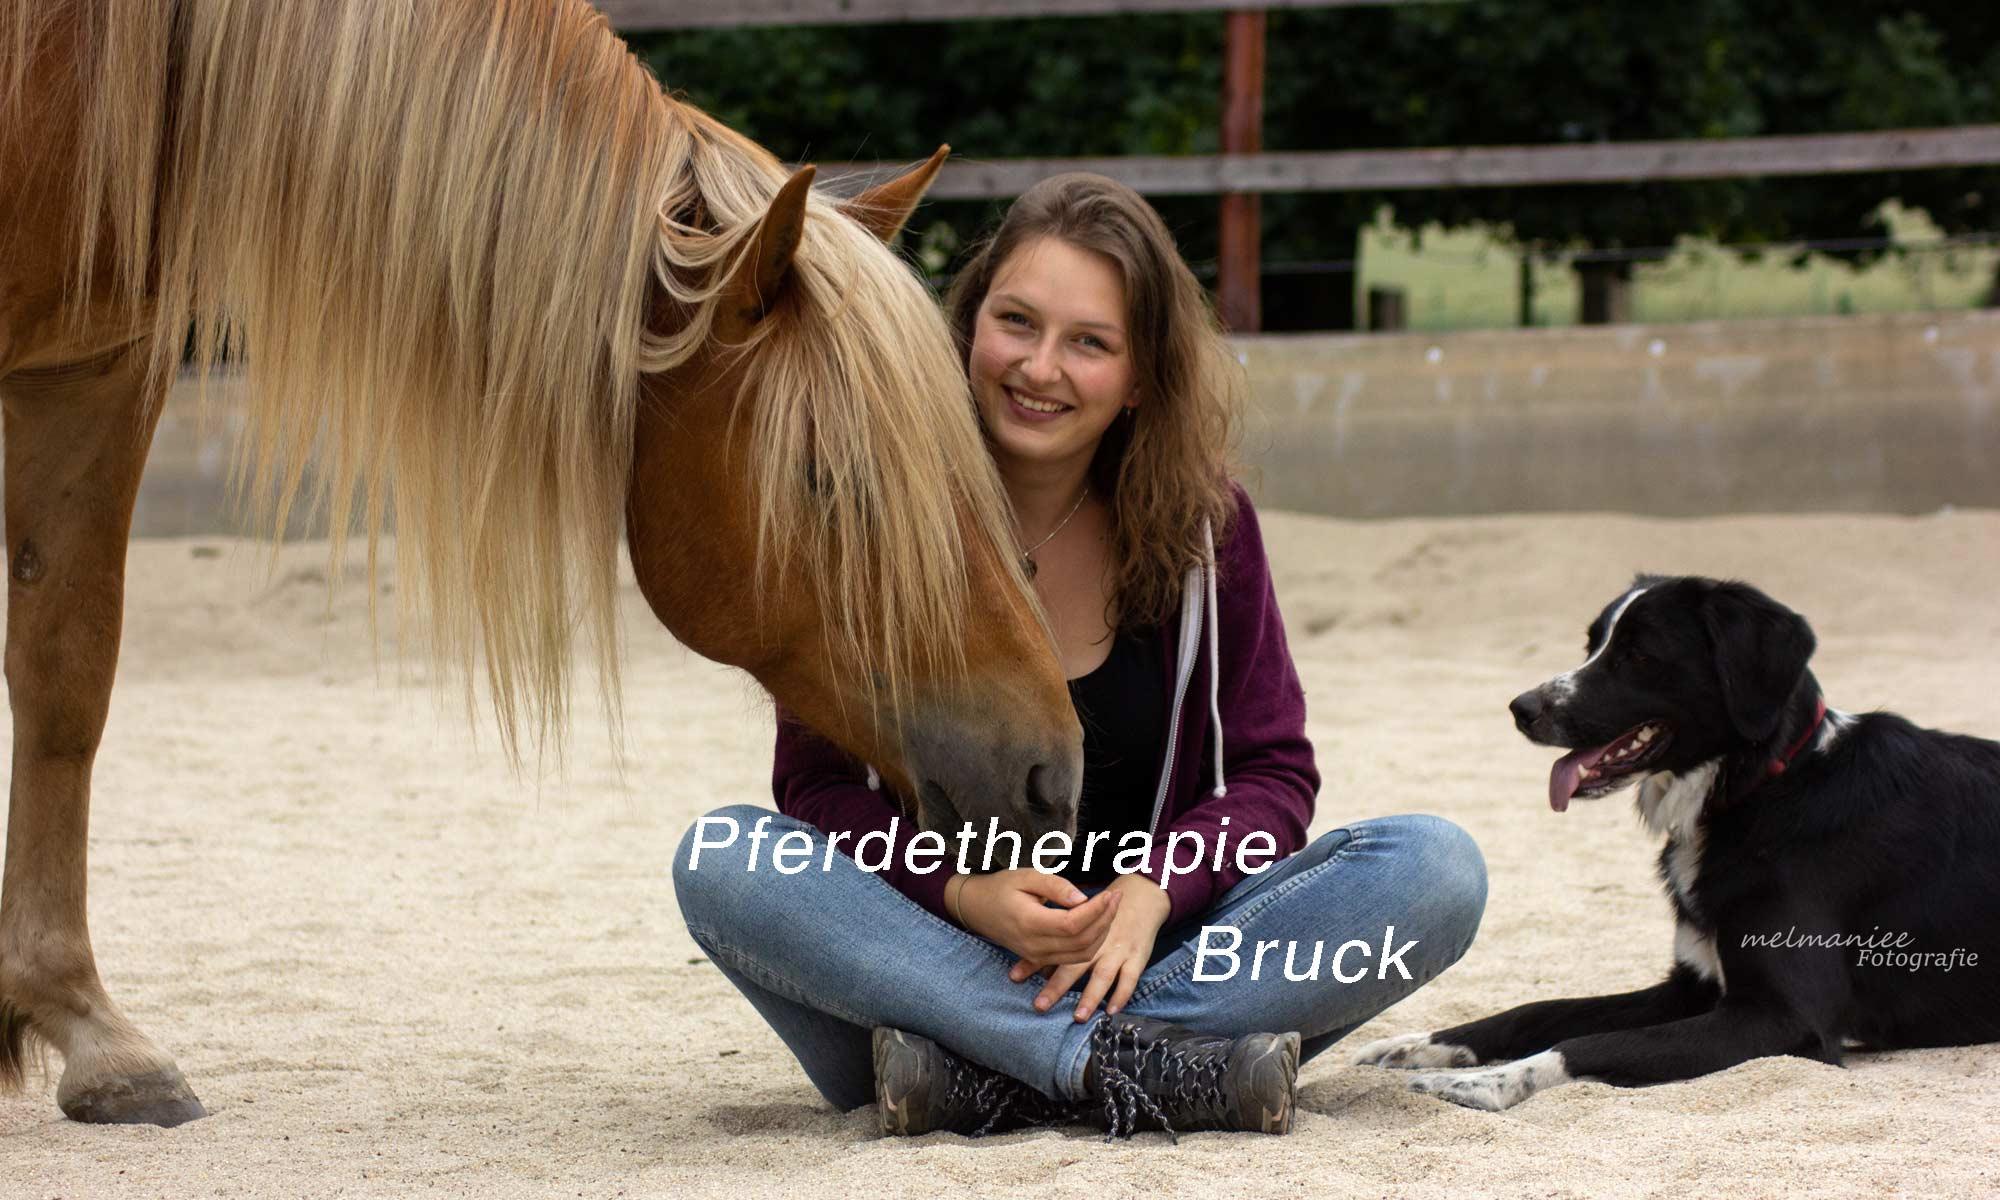 Pferdetherapie Bruck